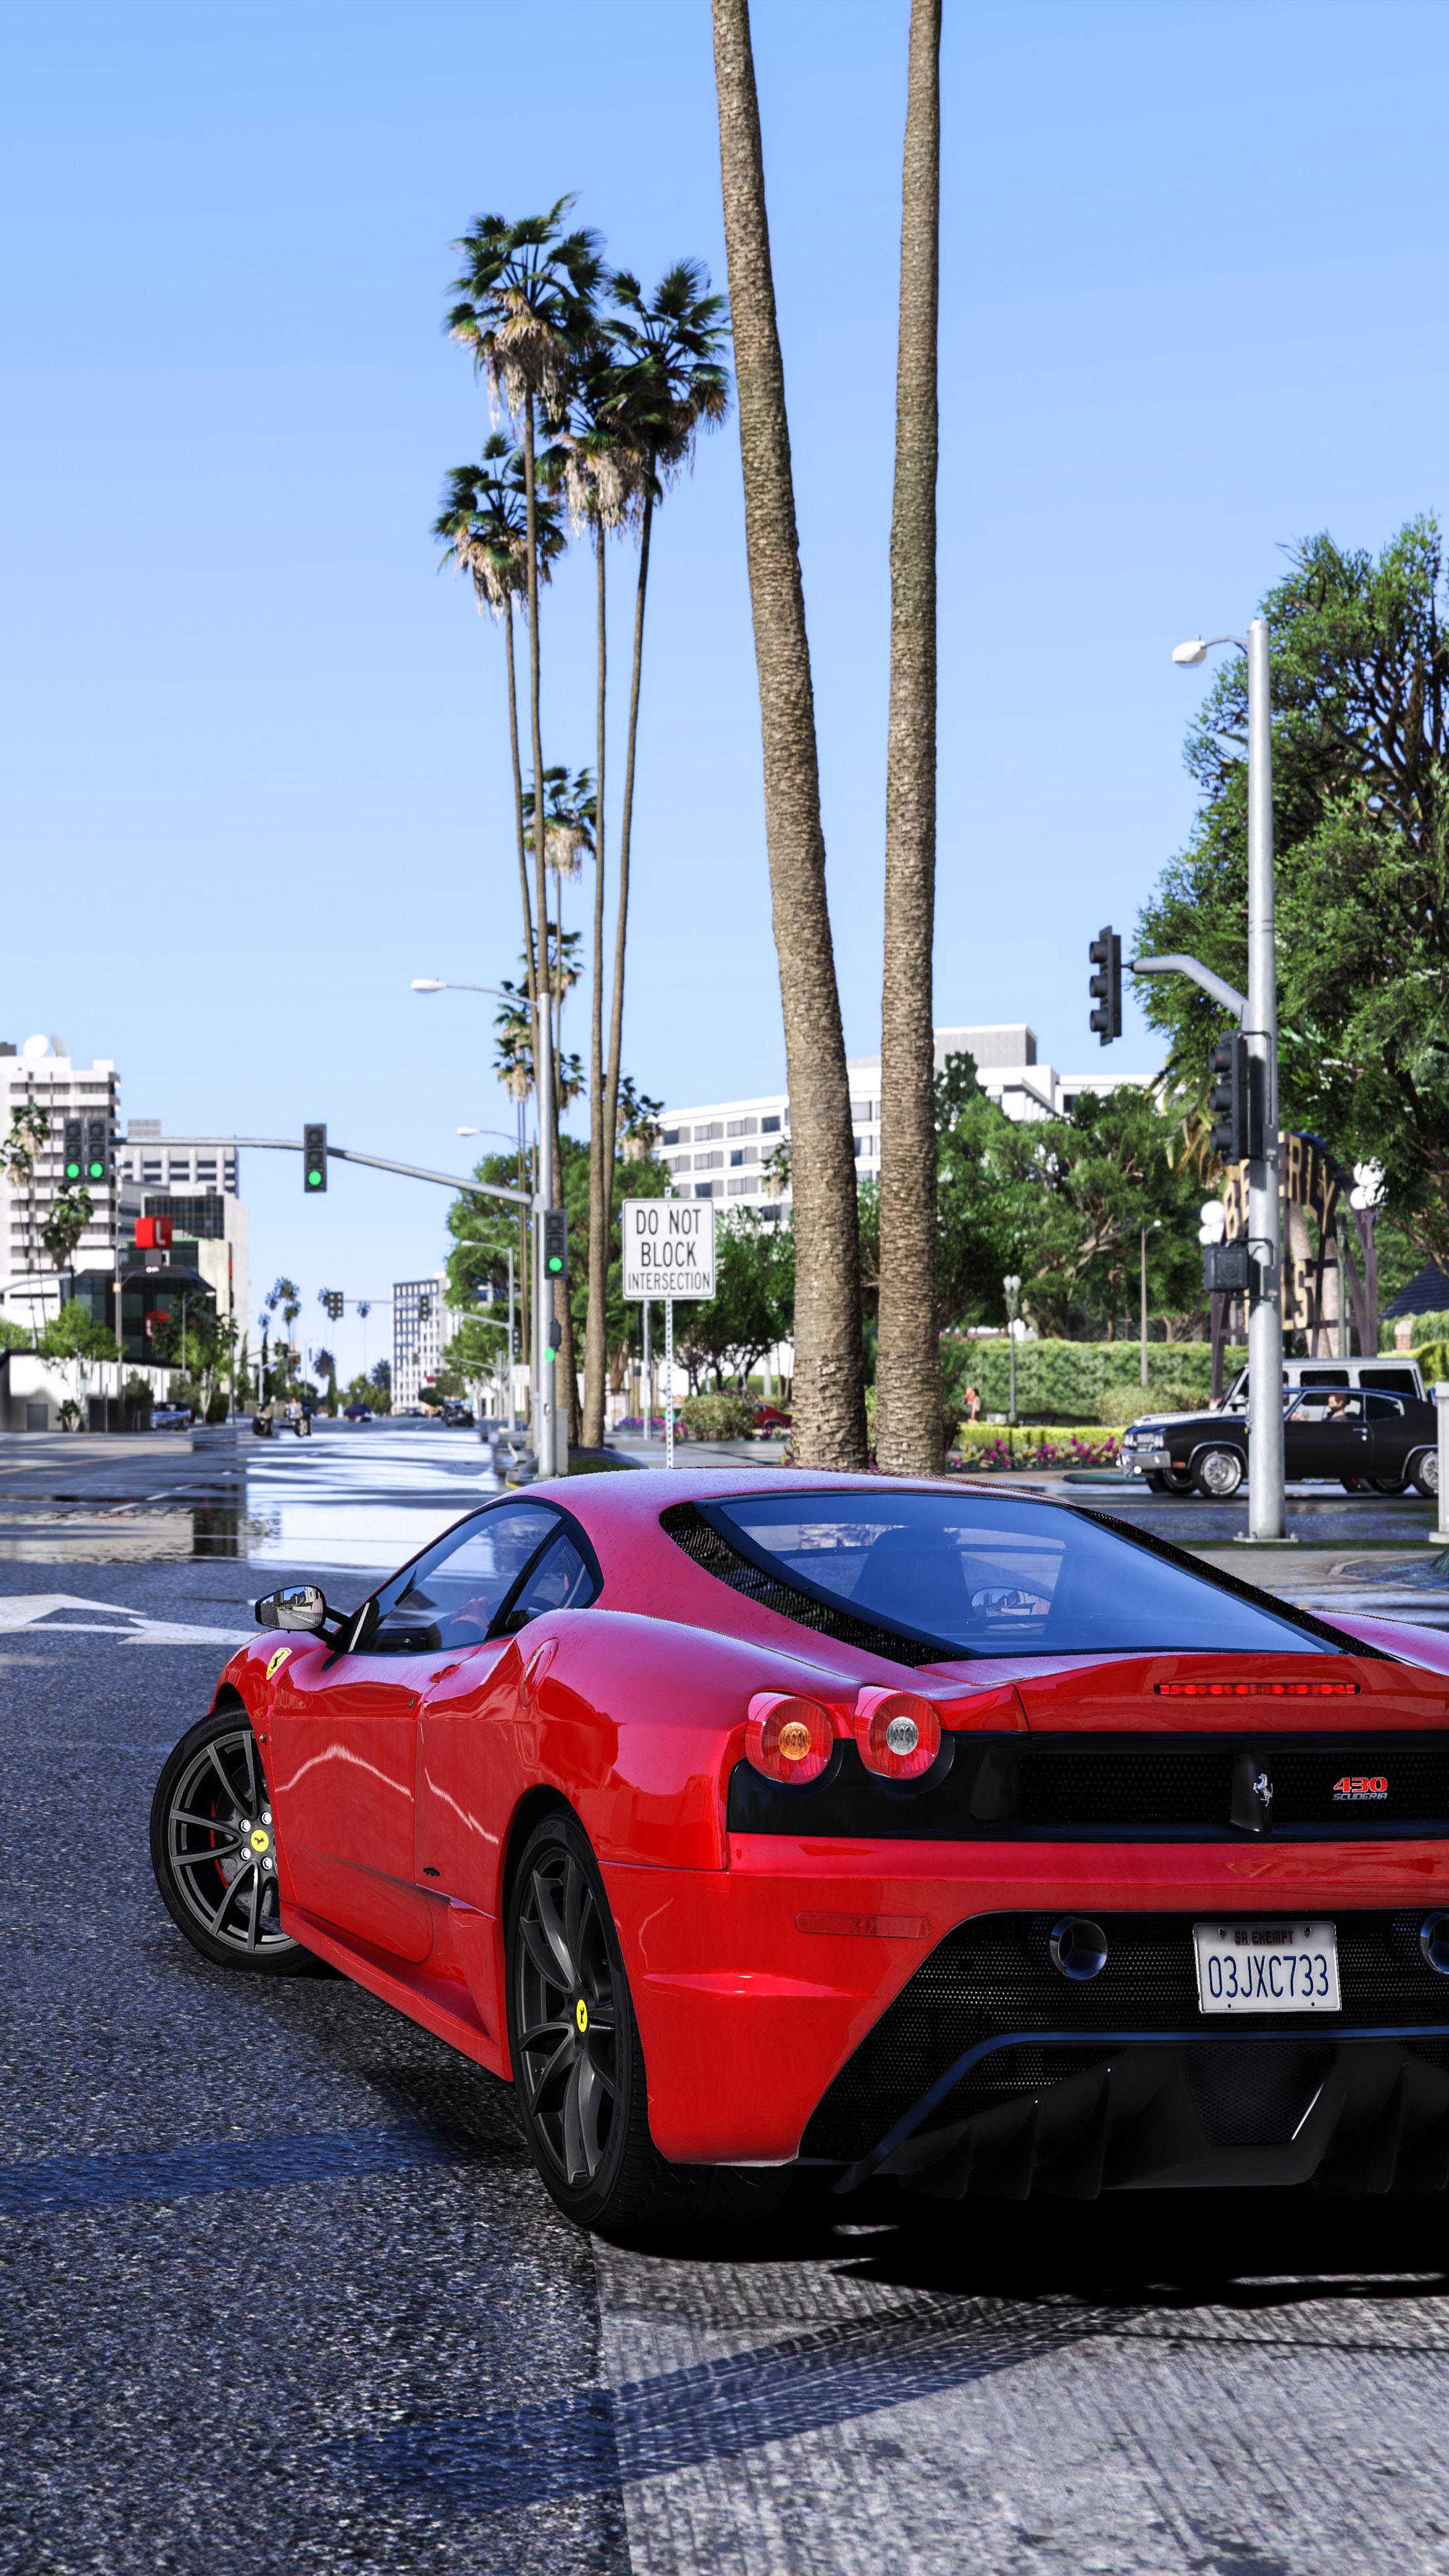 GTA V Red Ferrari Free 4K Ultra HD Mobile Wallpaper